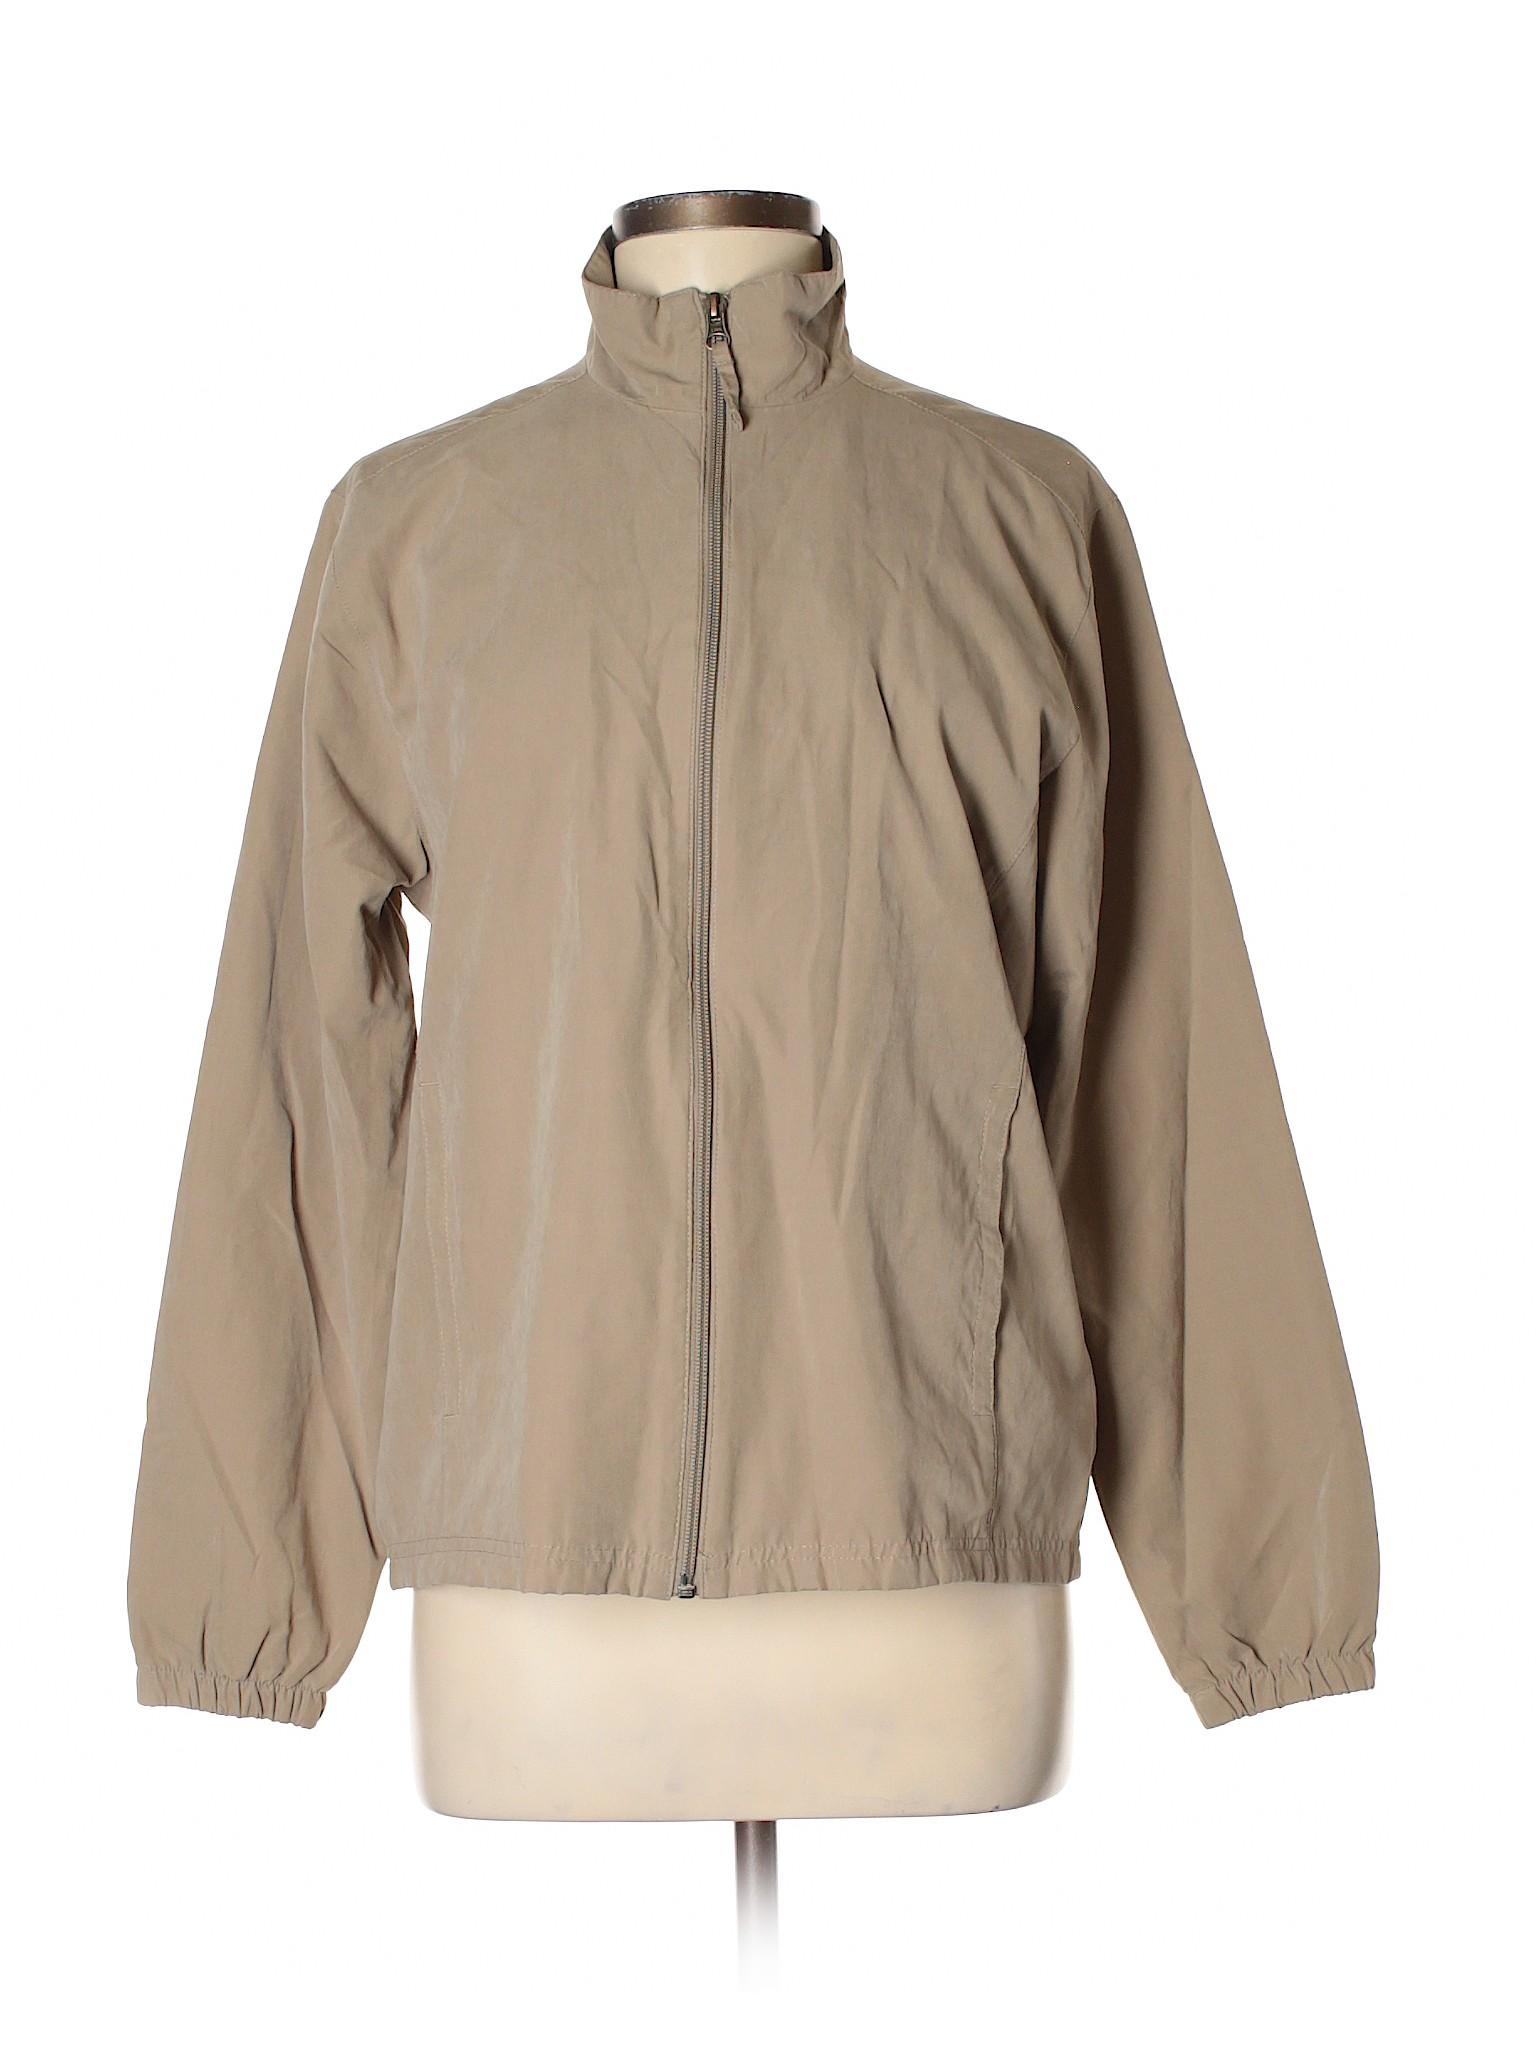 Boutique Boutique Jacket winter Clique winter ppw57